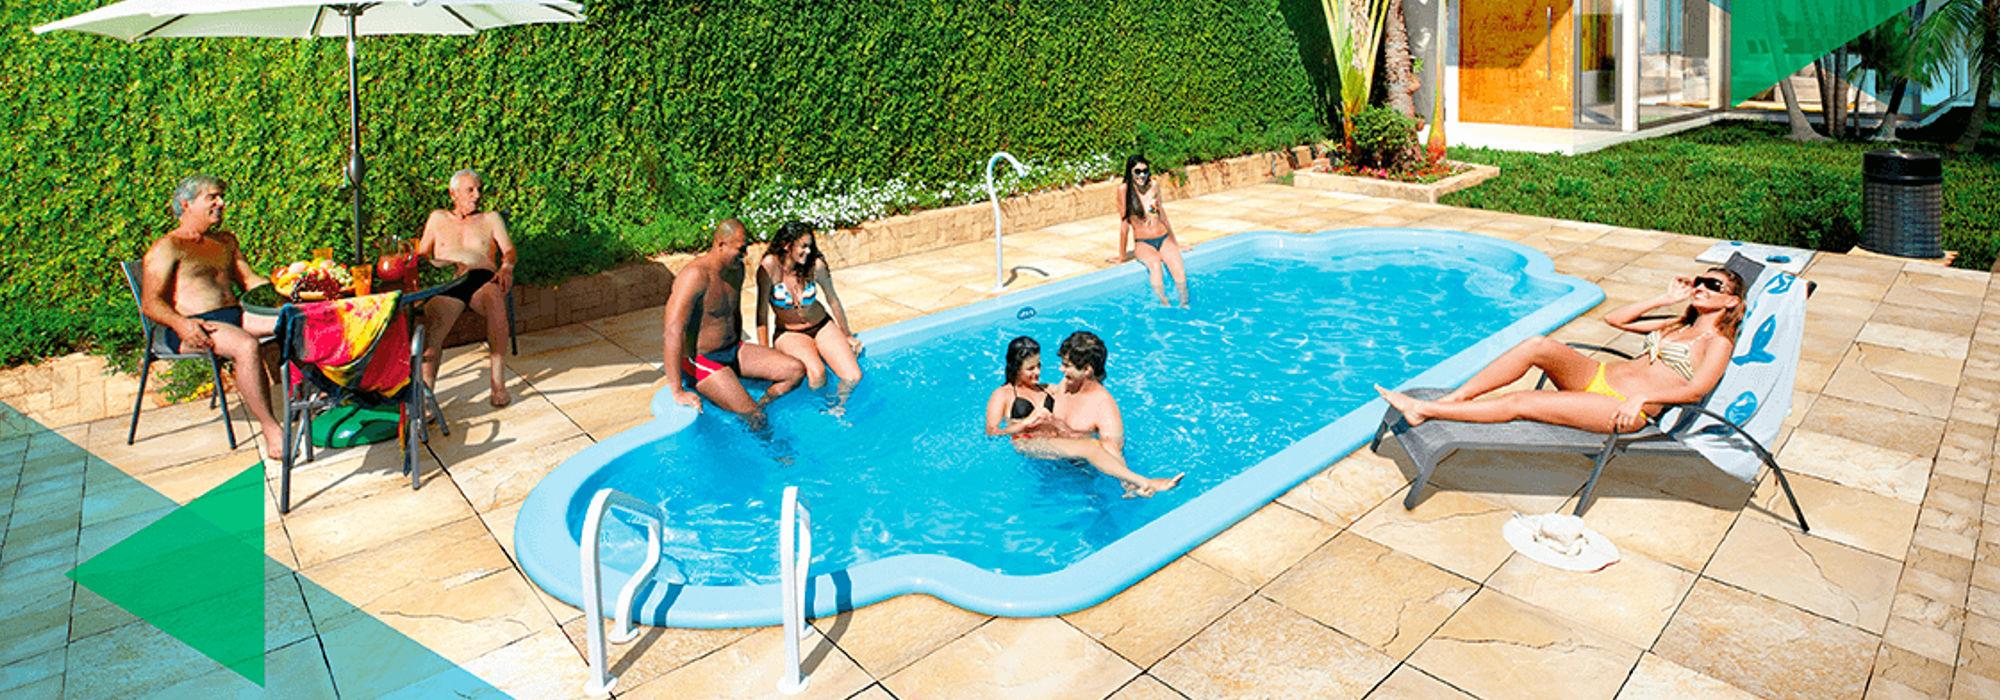 Piscinas piscinas de poliester venta y montaje - Piscinas de poliester ...